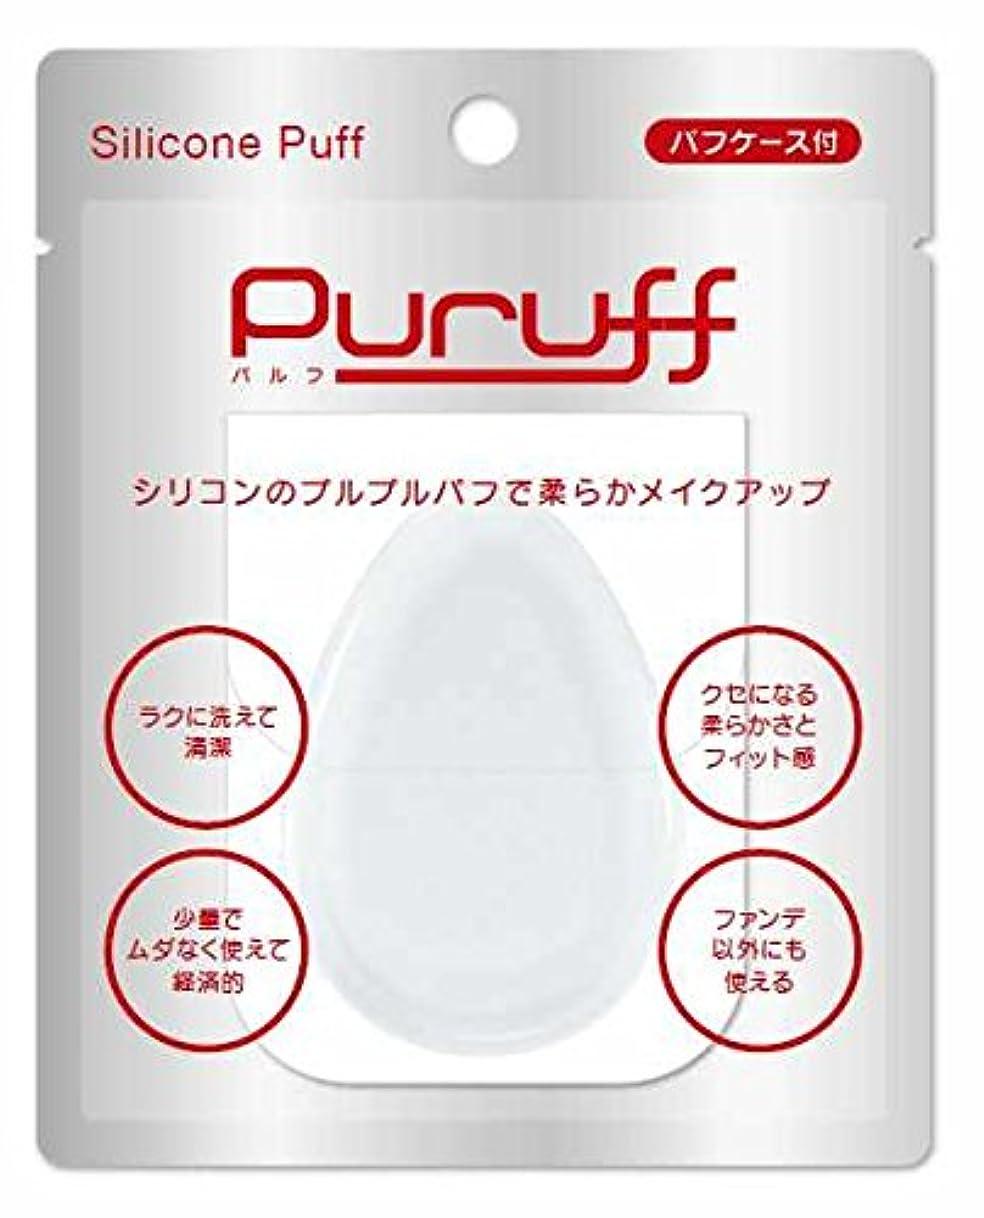 バッジ適応柔らかさPuruff(パルフ) シリコンパフ カバー付 【まとめ買い2個セット】